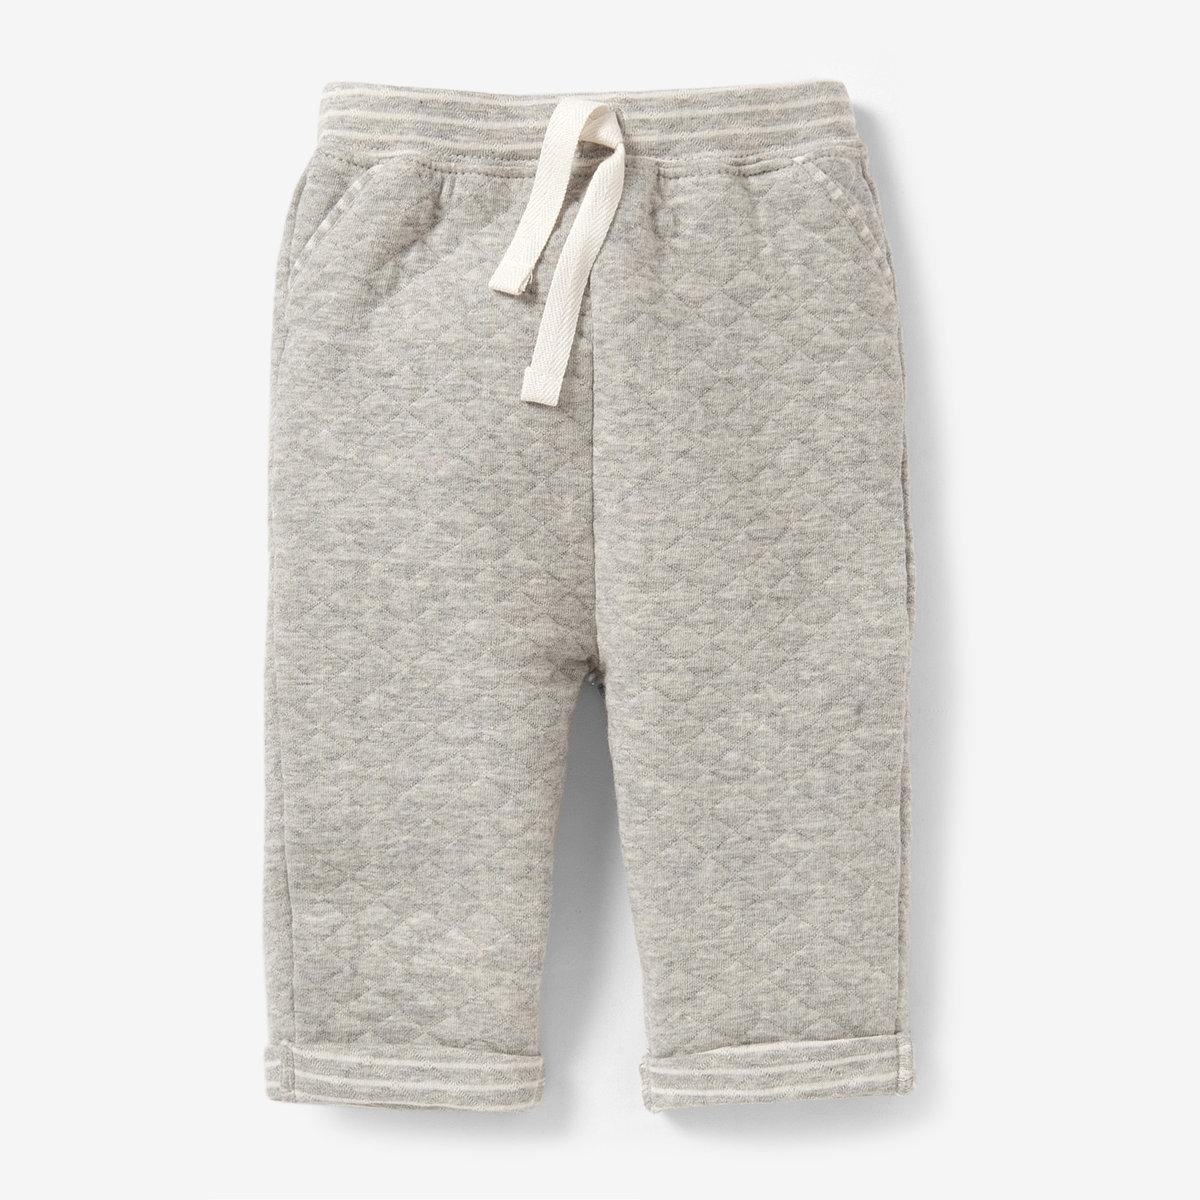 Брюки спортивные брюки спортивные lining 2014 aklj503 2 1